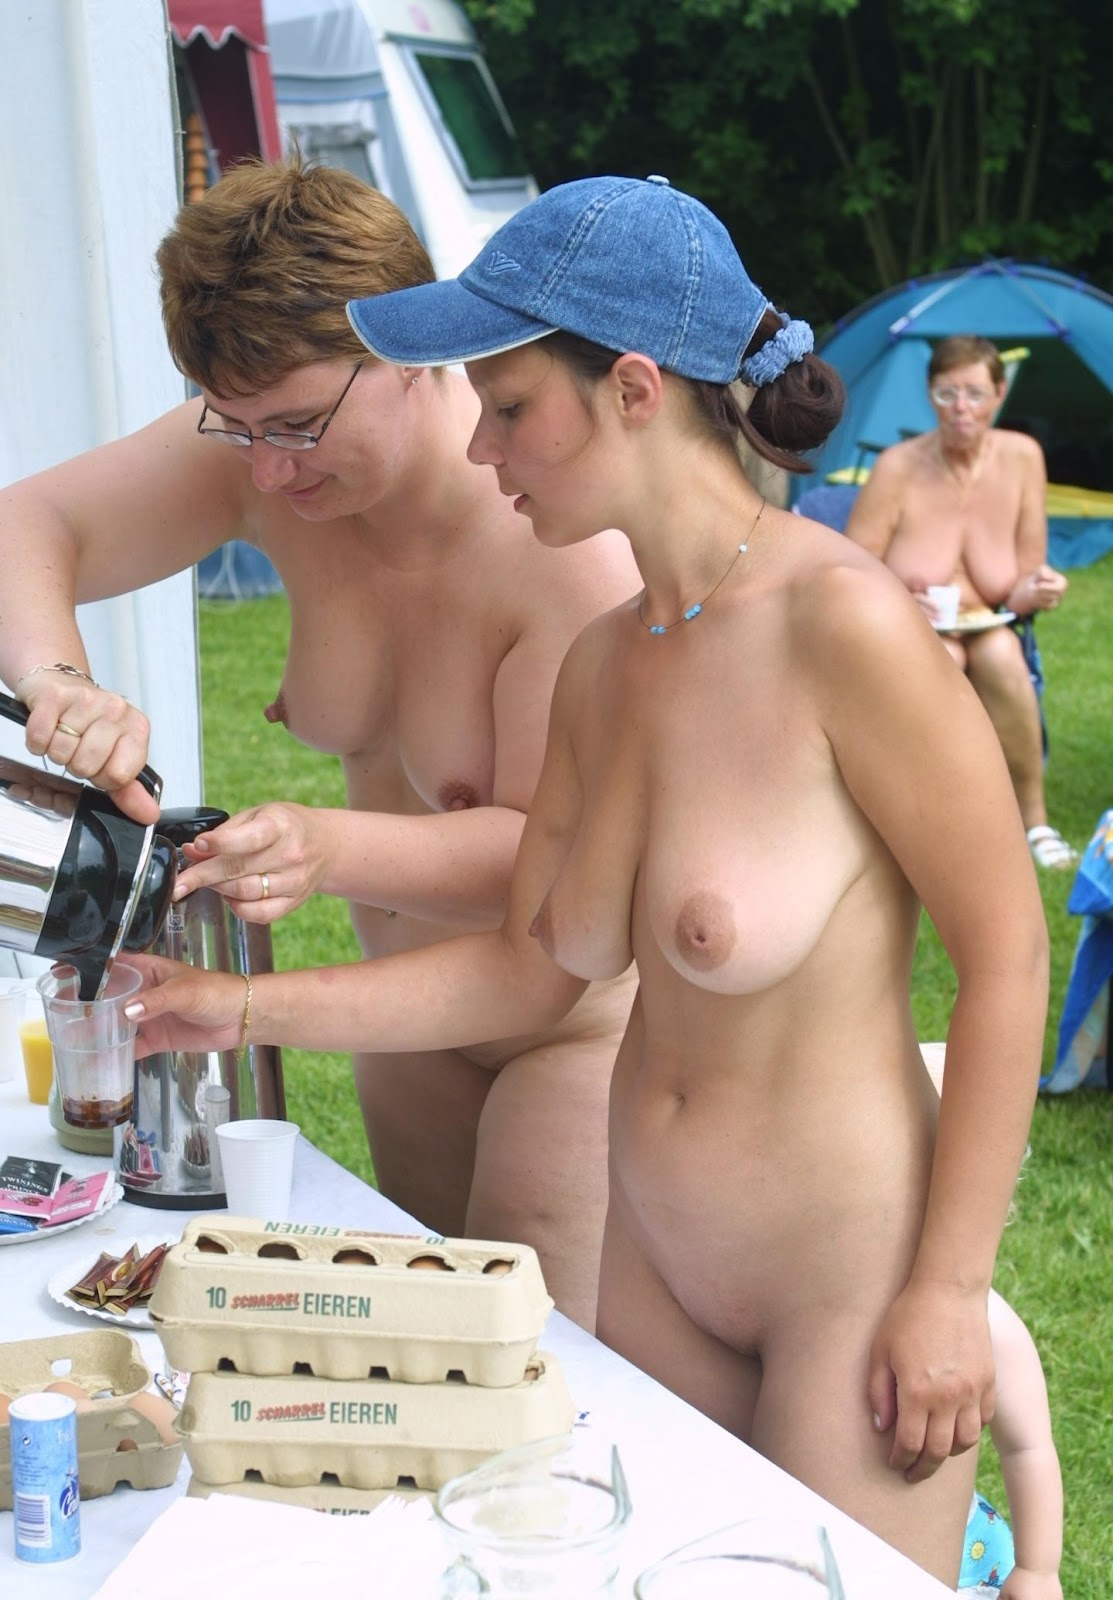 Candid Bikini Nipple